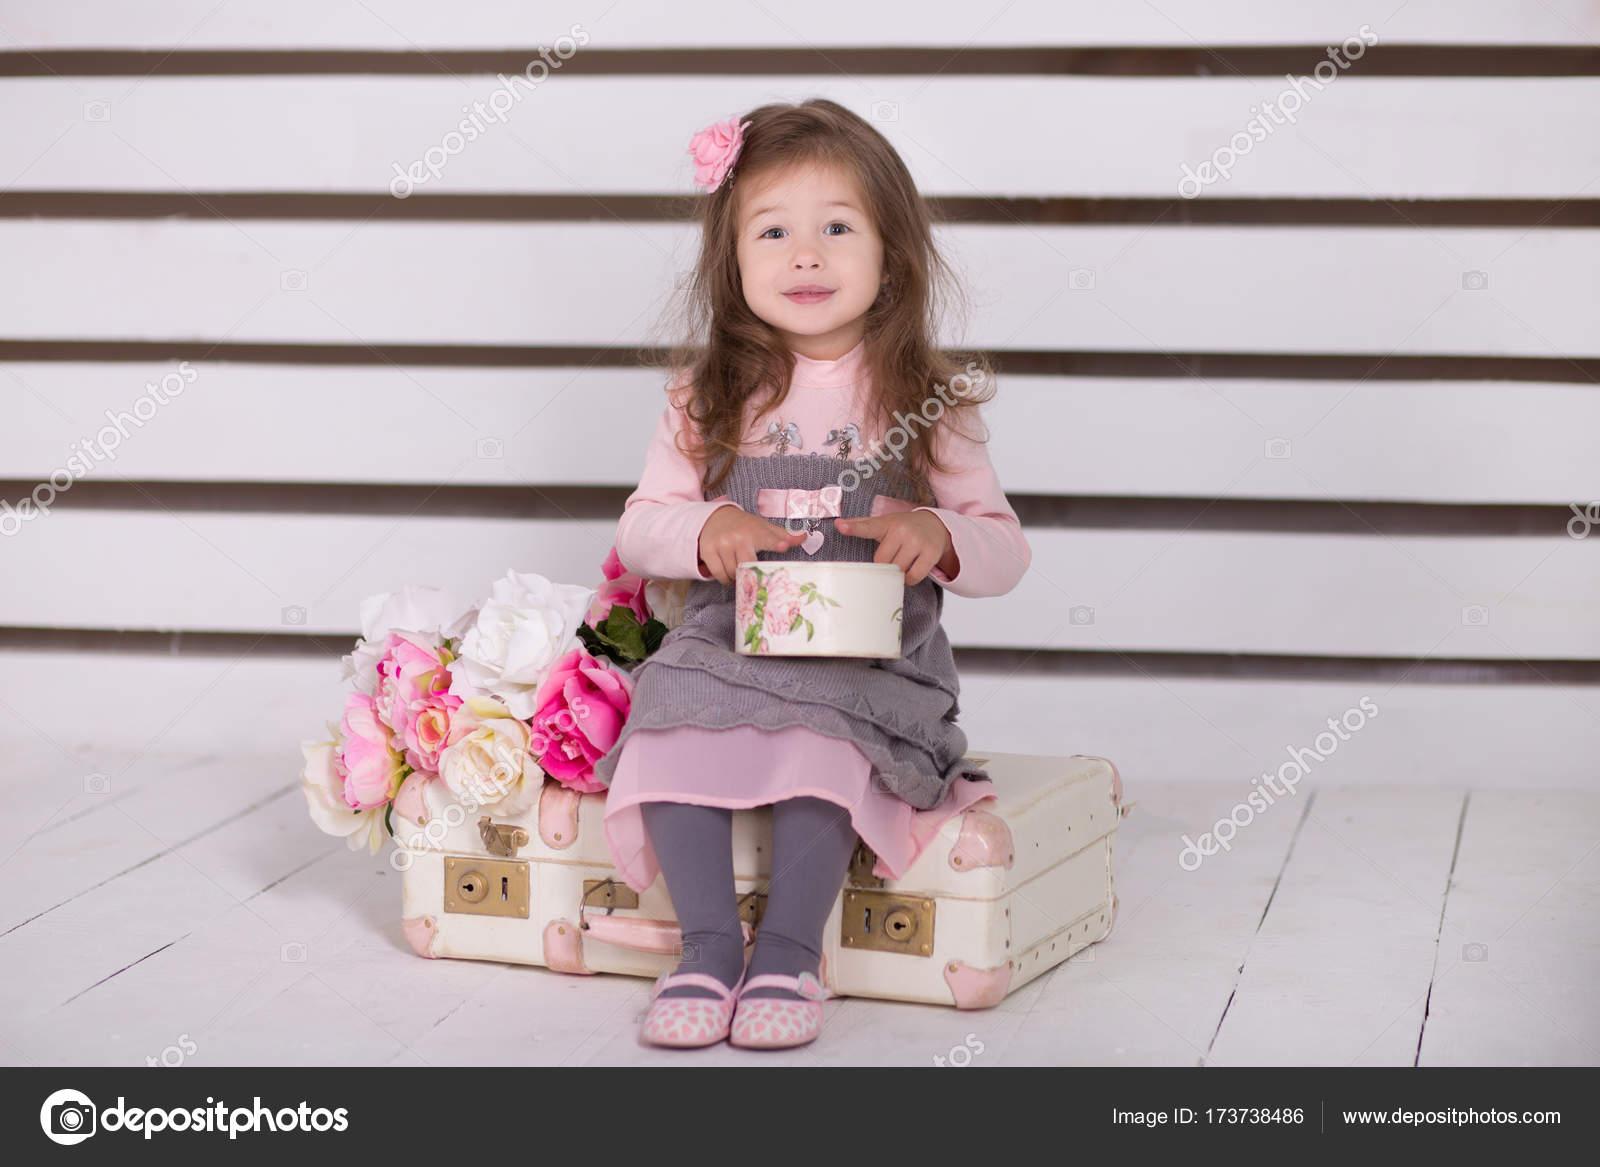 347f9161c7e Pipin dívka s pout rty stylově oblečený v růžových šatech šedé příjemně  usmívat